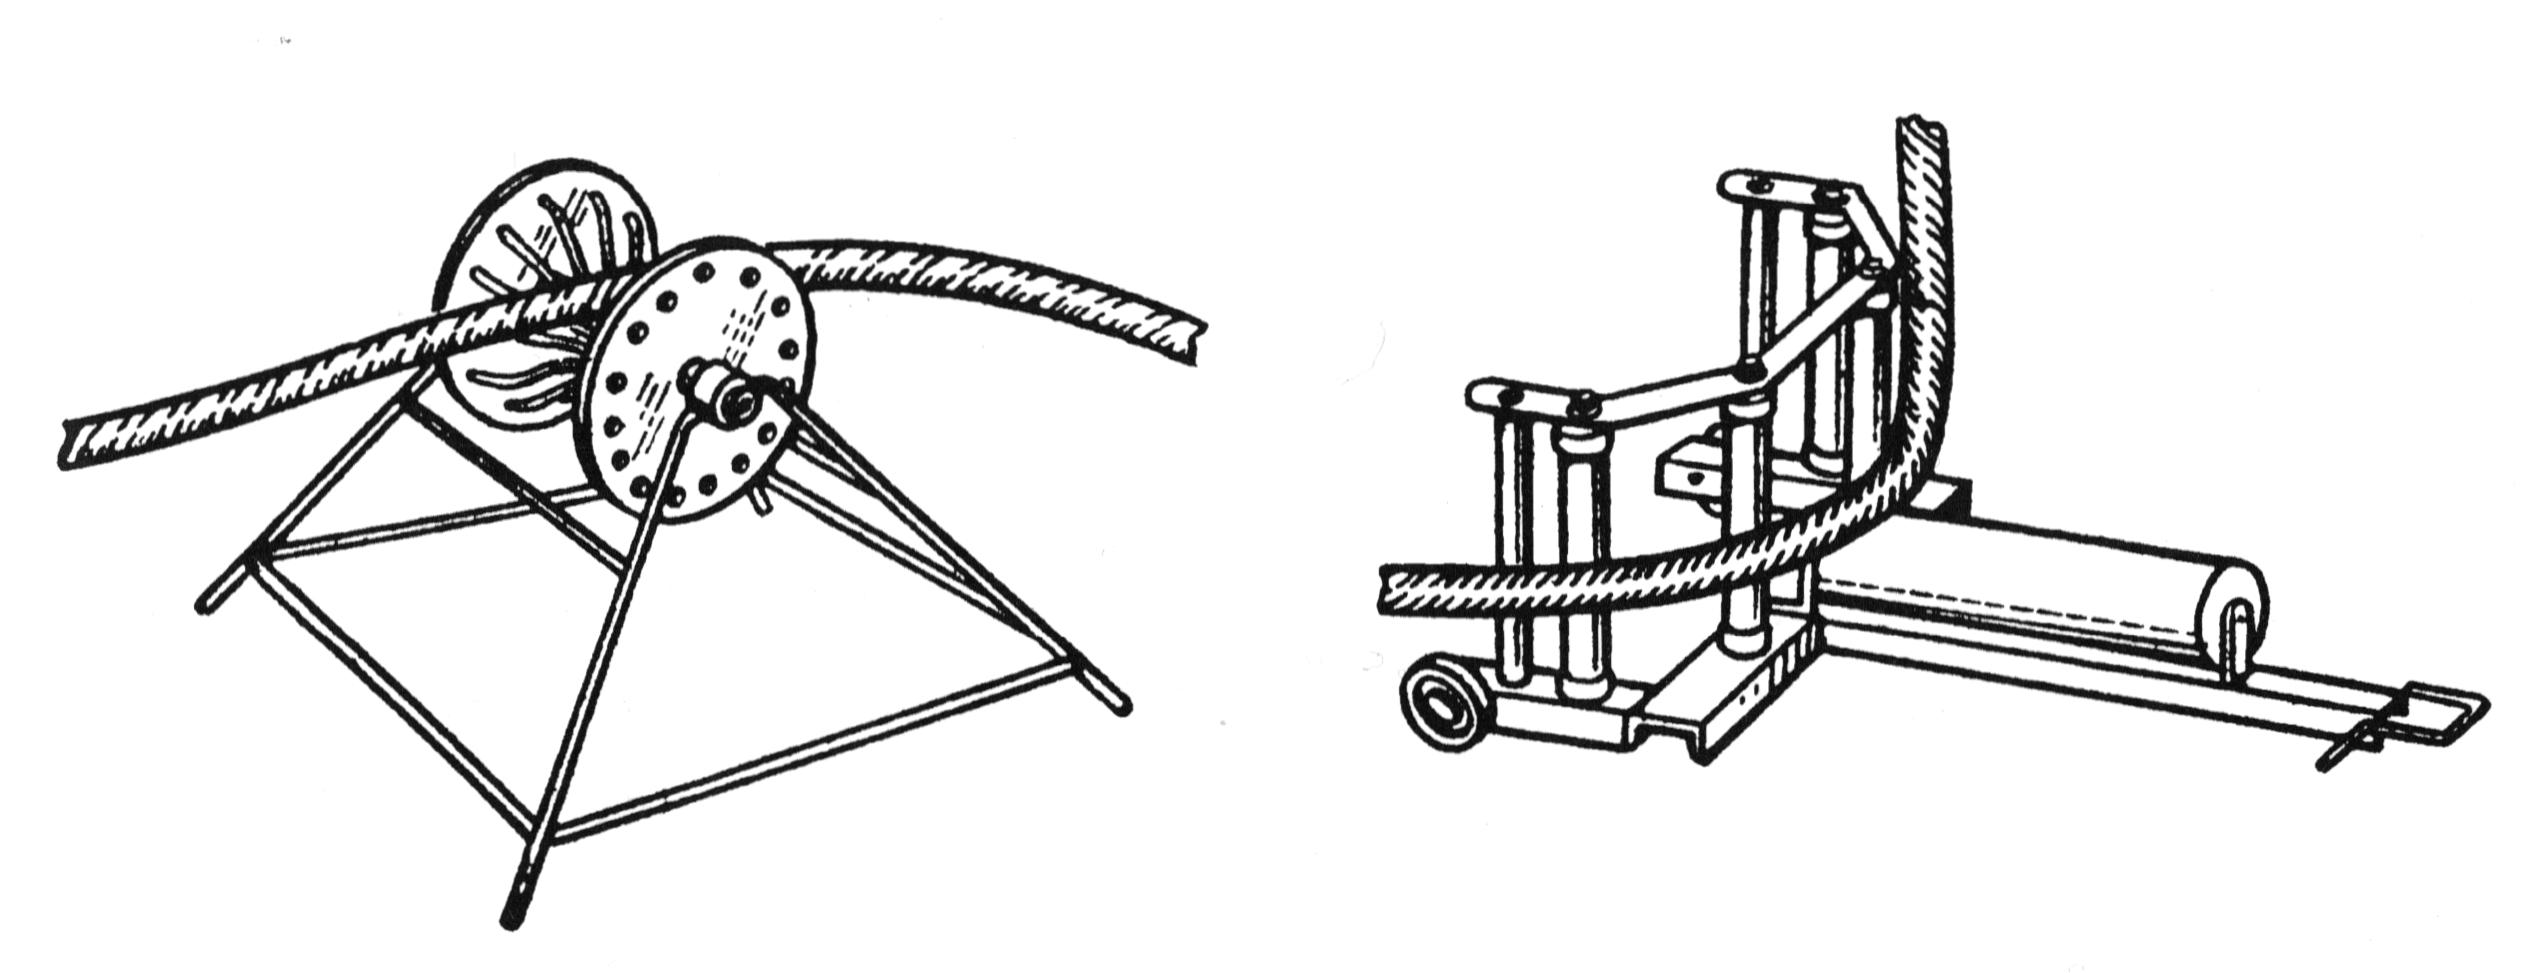 Рис 3-3. Ролик линейный и угловой.